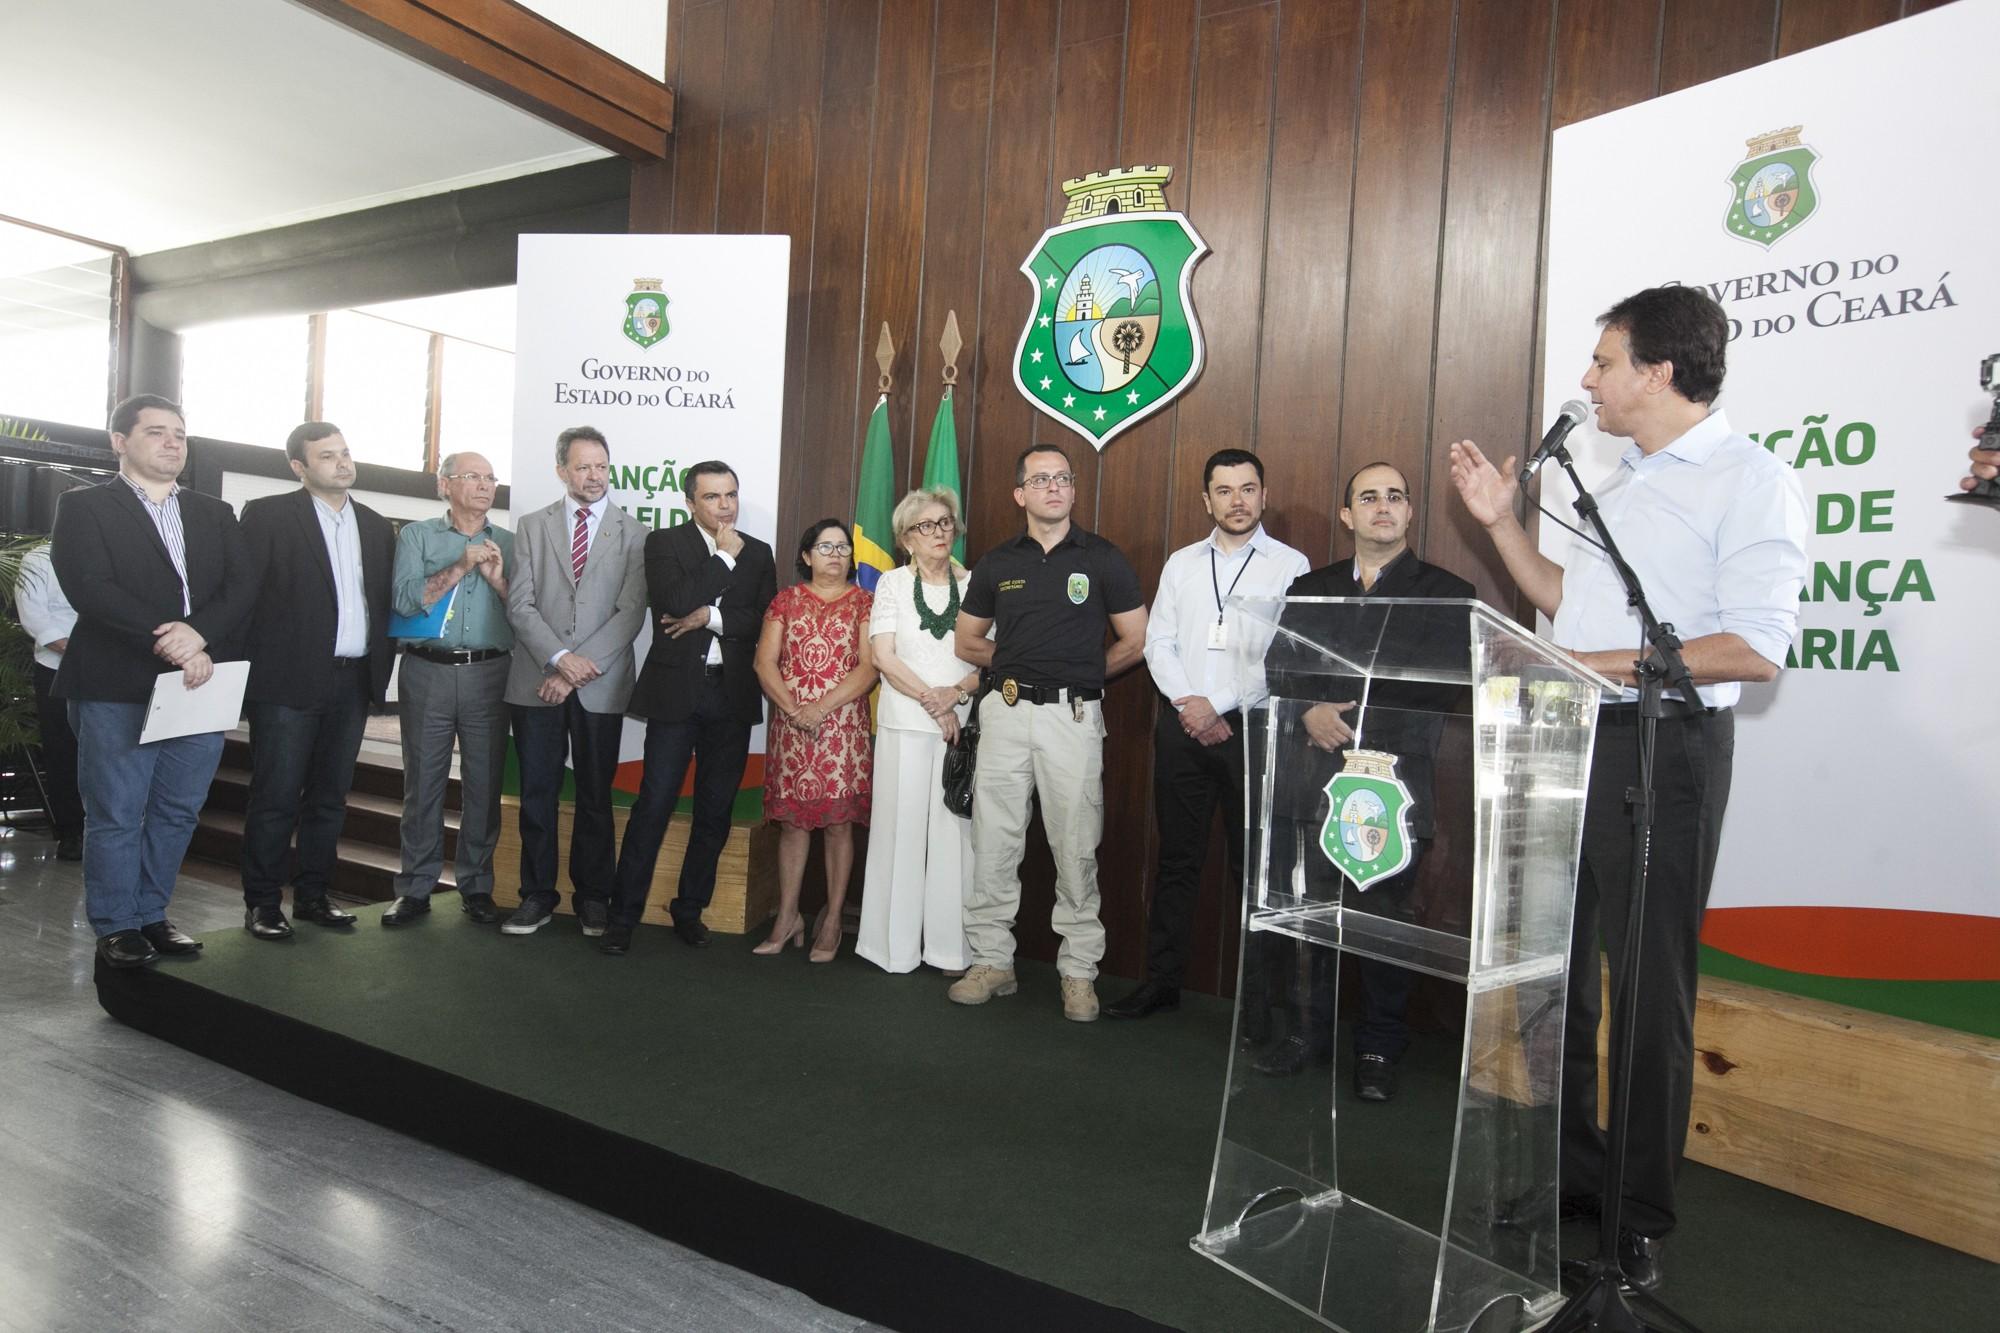 Lei sancionada obriga bancos do Ceará a adotarem normas de segurança